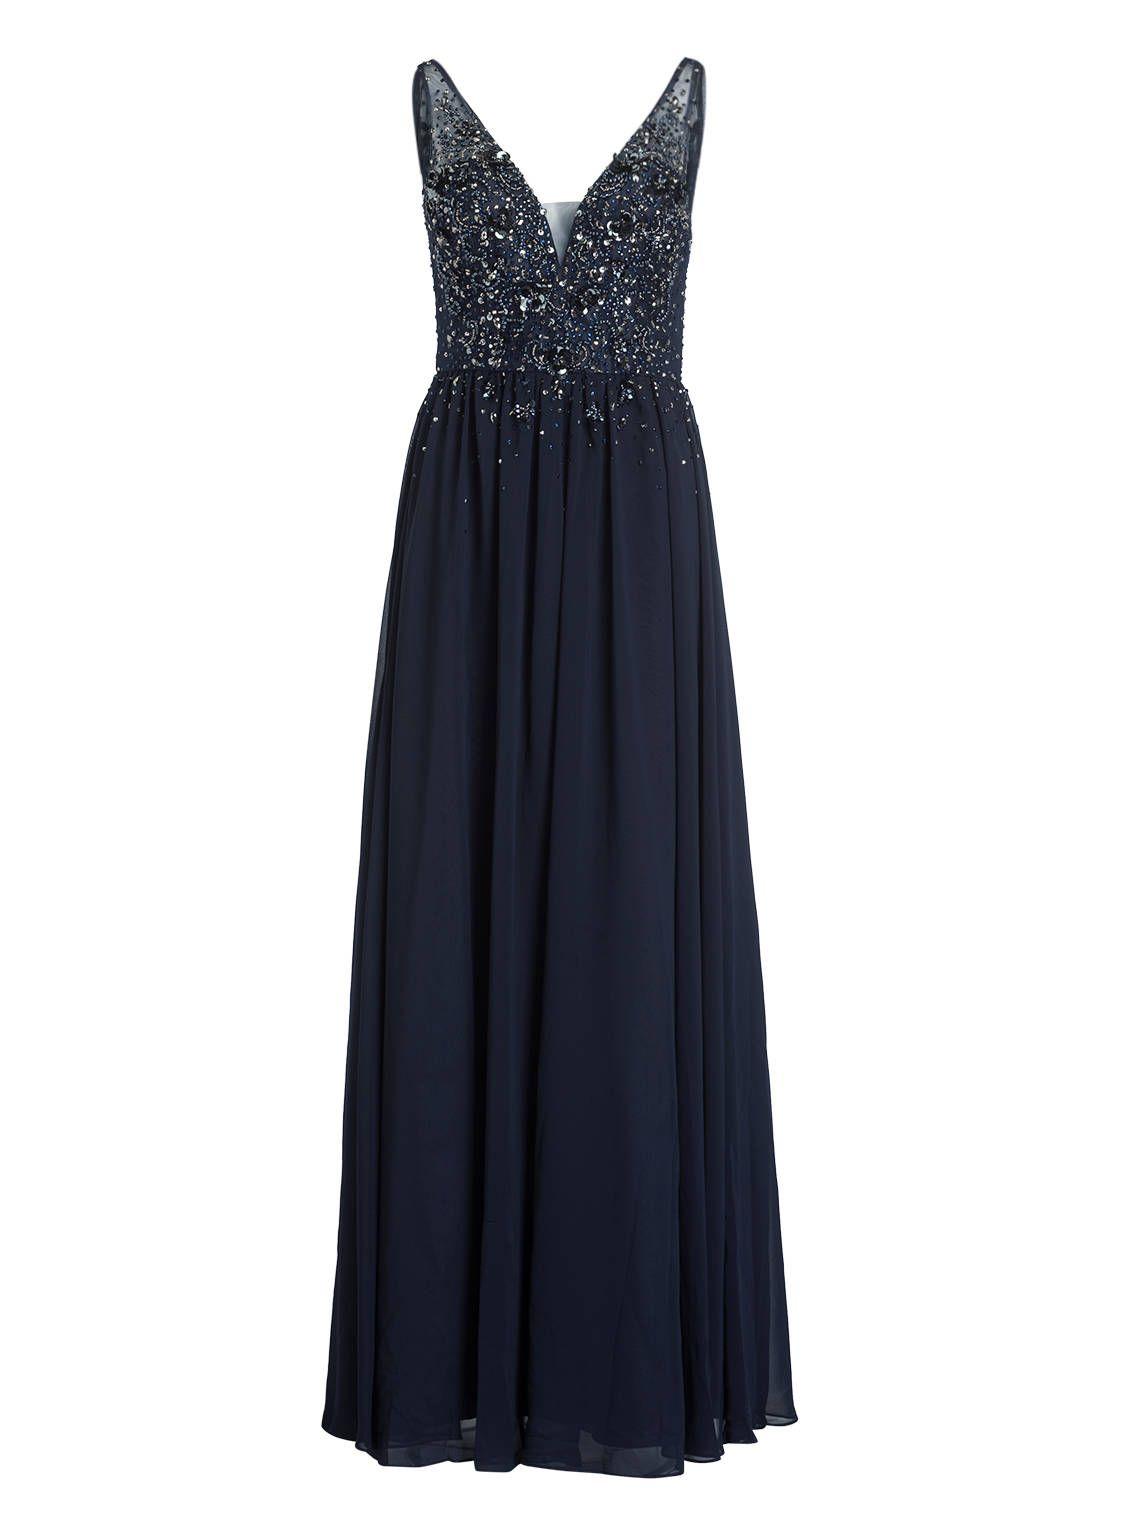 Abendkleid von VISOUS bei Breuninger kaufen in 17  Abendkleid